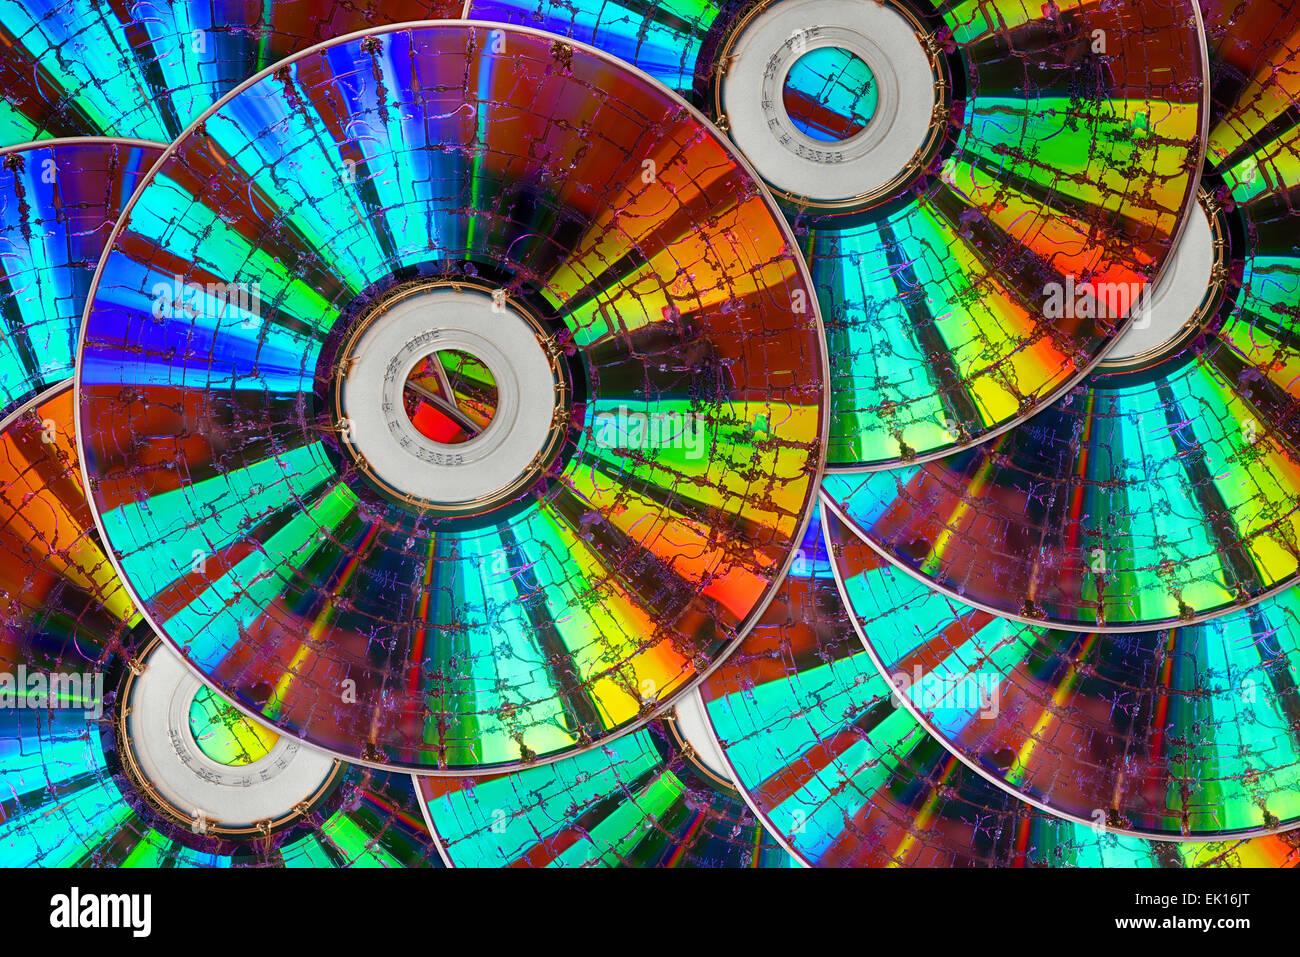 verlorene Daten Sicherheitsfehler auf rissige gebrochen master-Backup CD DVD disc unwiederbringliche Informationen Stockbild